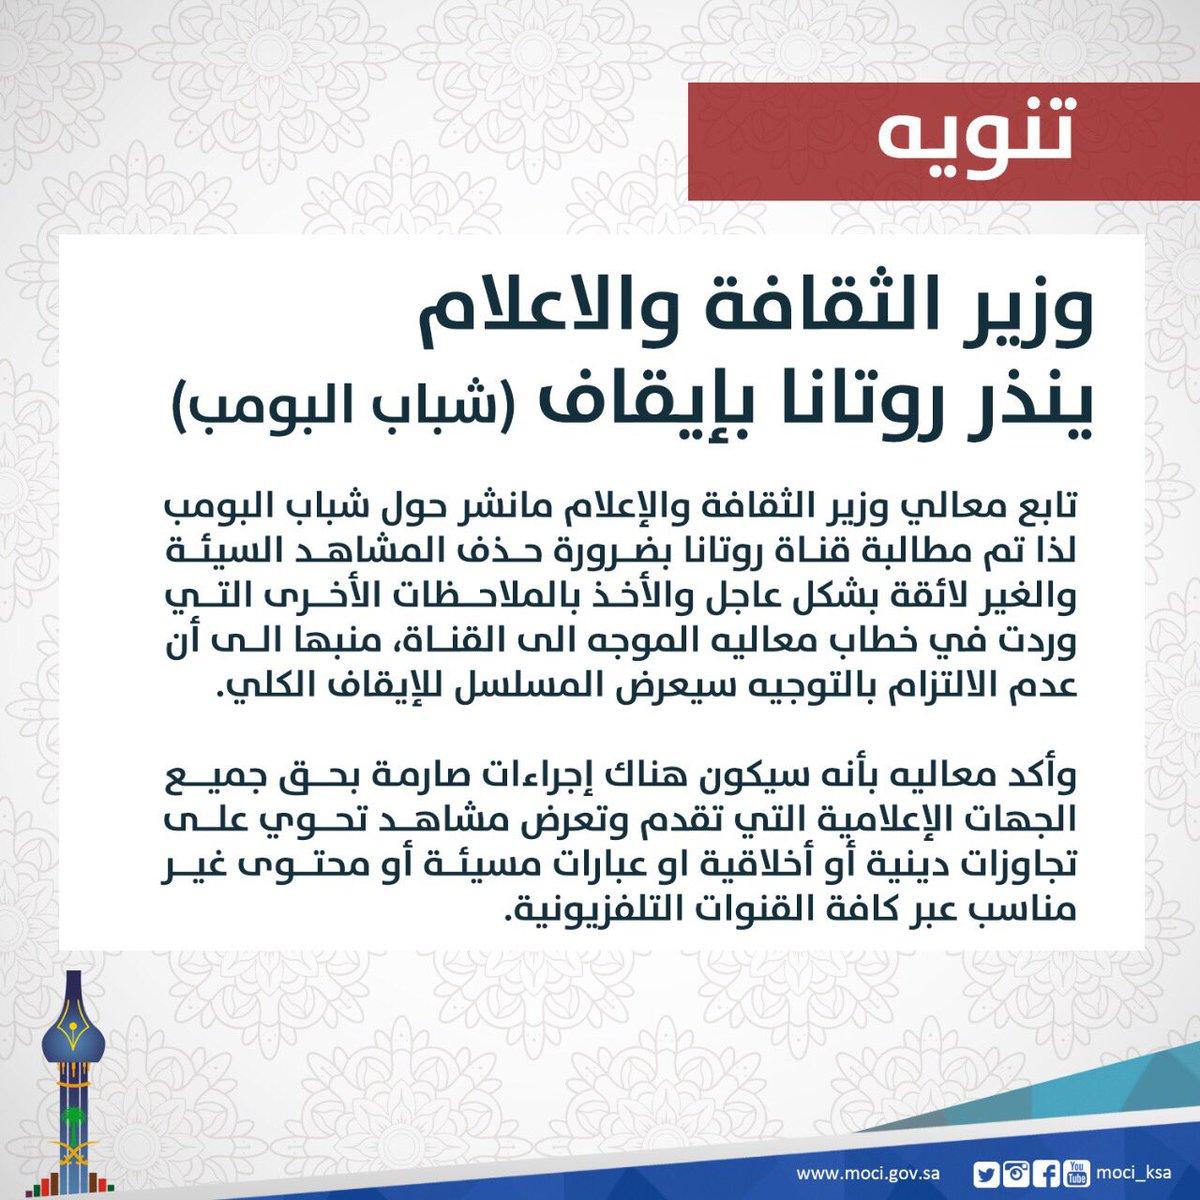 وزير الثقافة والاعلام ينذر #روتانا بإيقاف #شباب_البومب